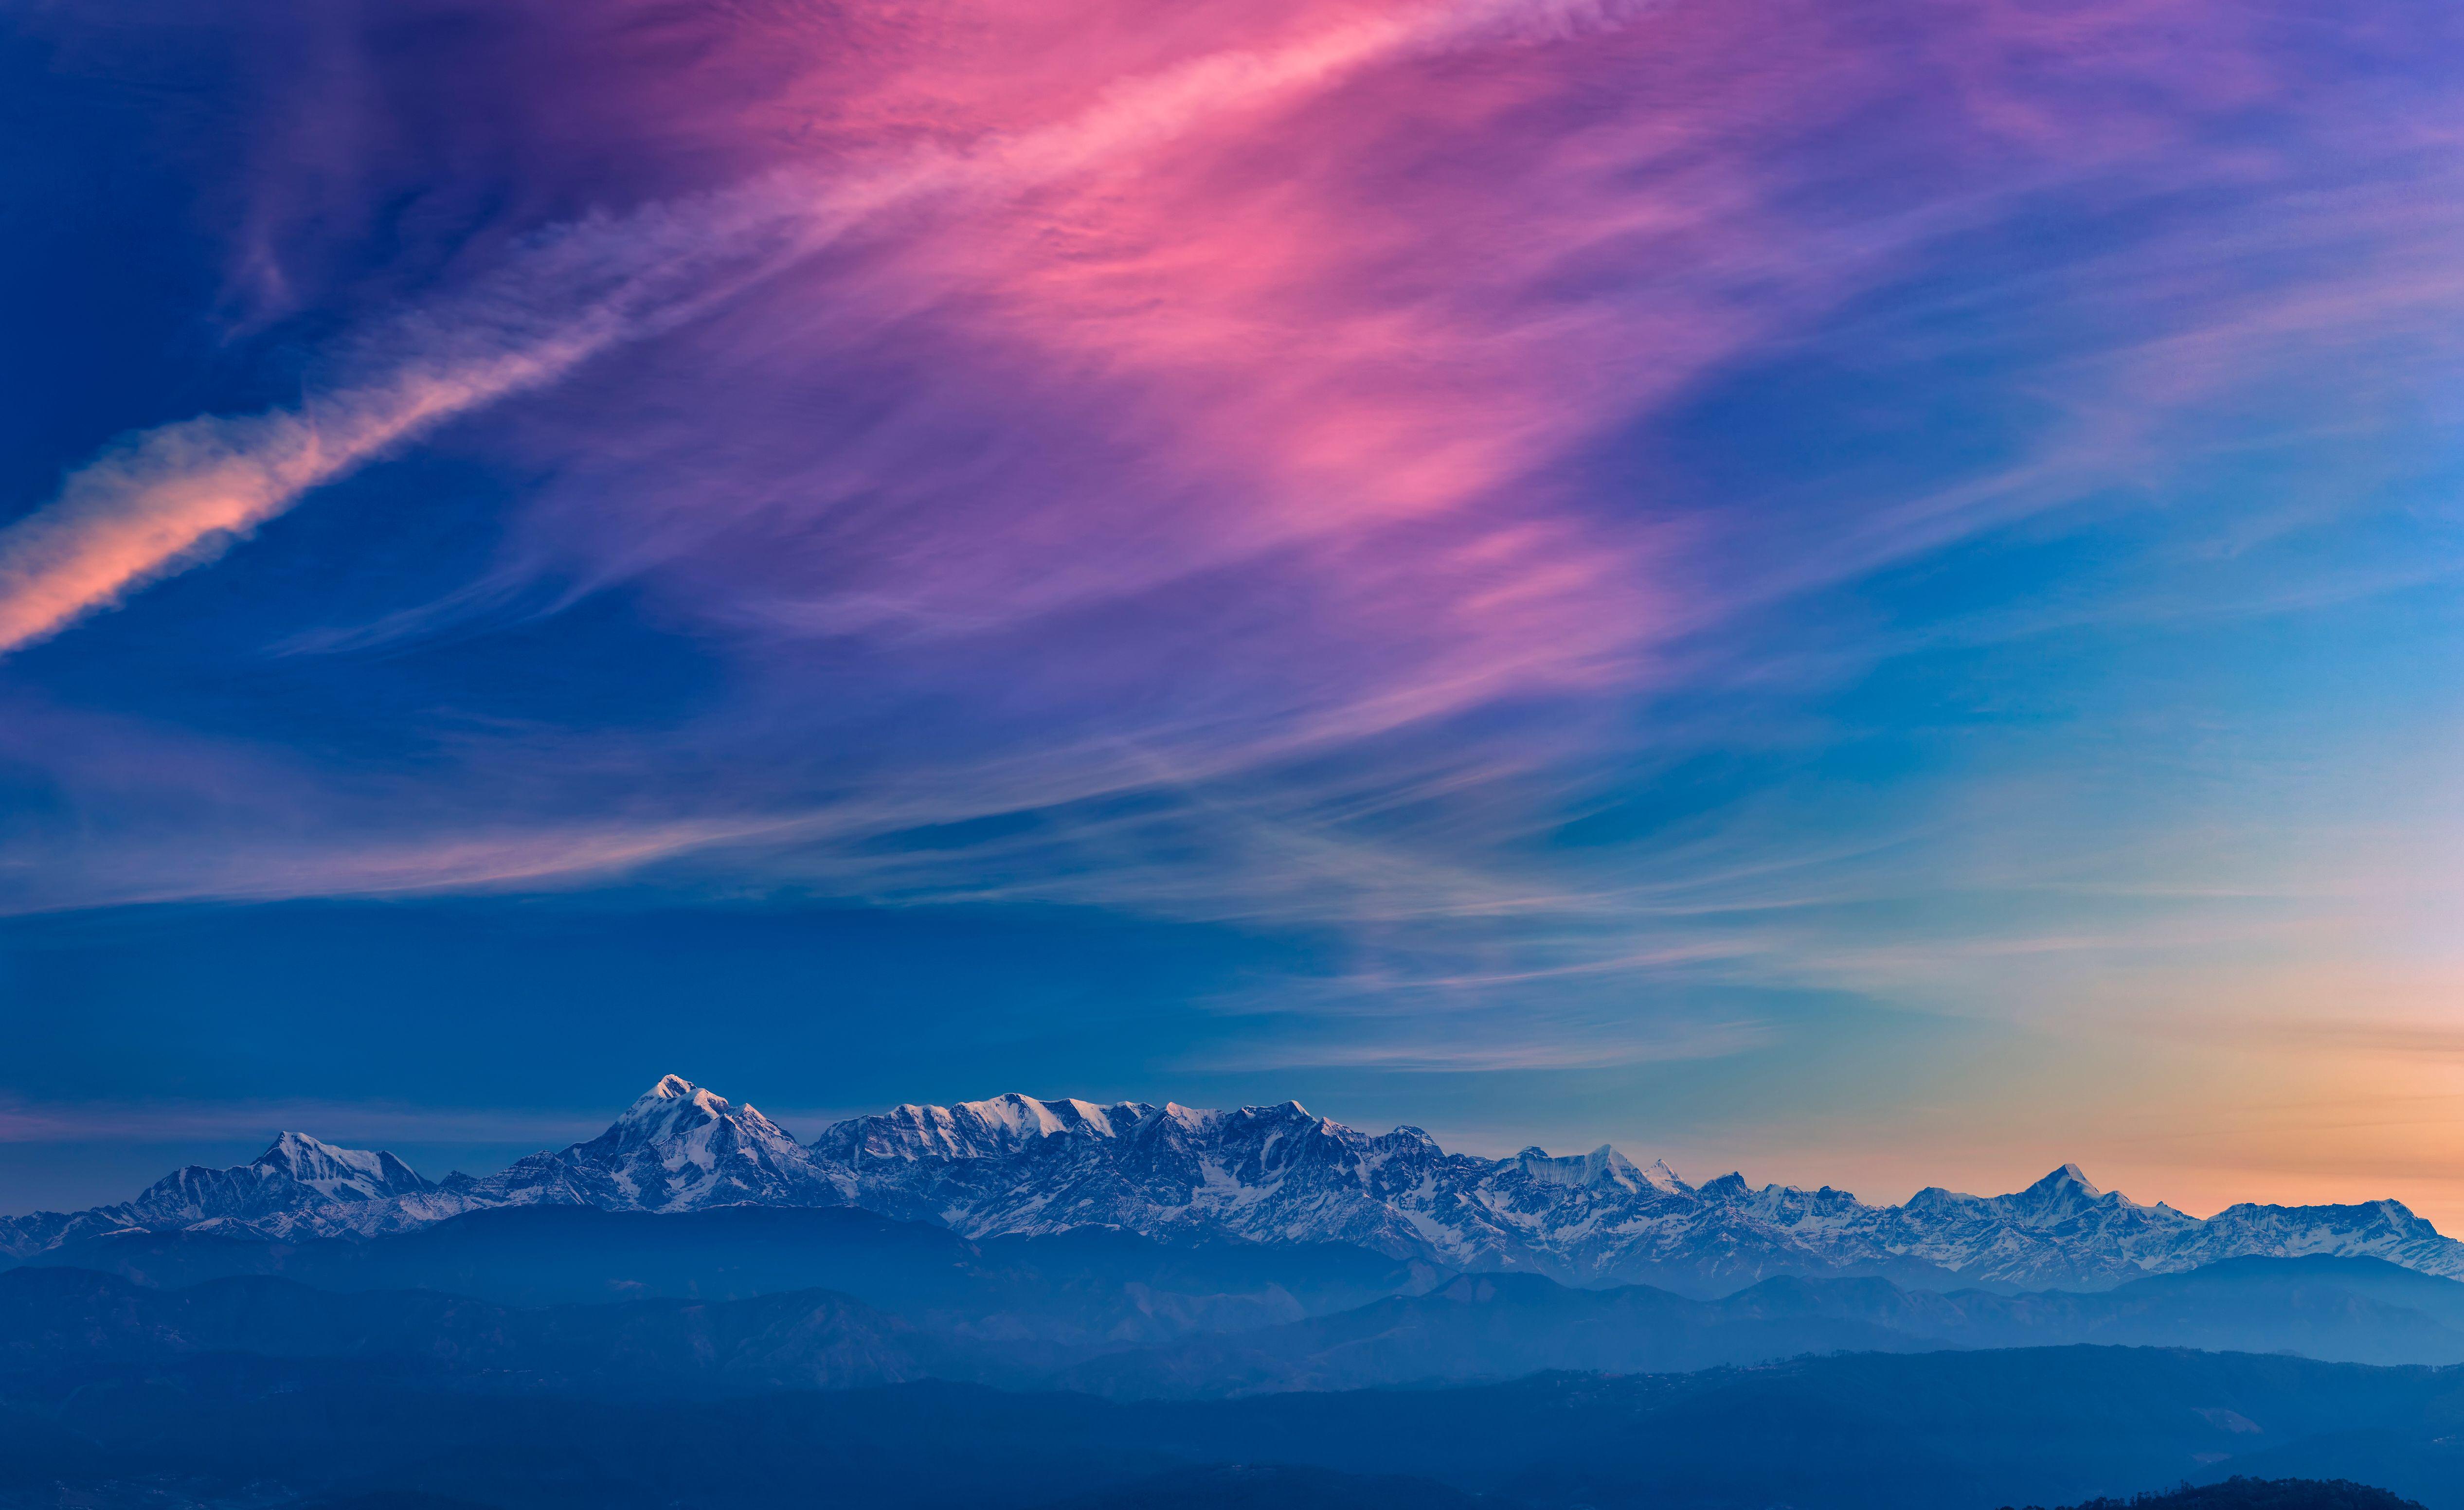 94589 скачать обои Облака, Пейзаж, Закат, Горы, Природа, Туман - заставки и картинки бесплатно